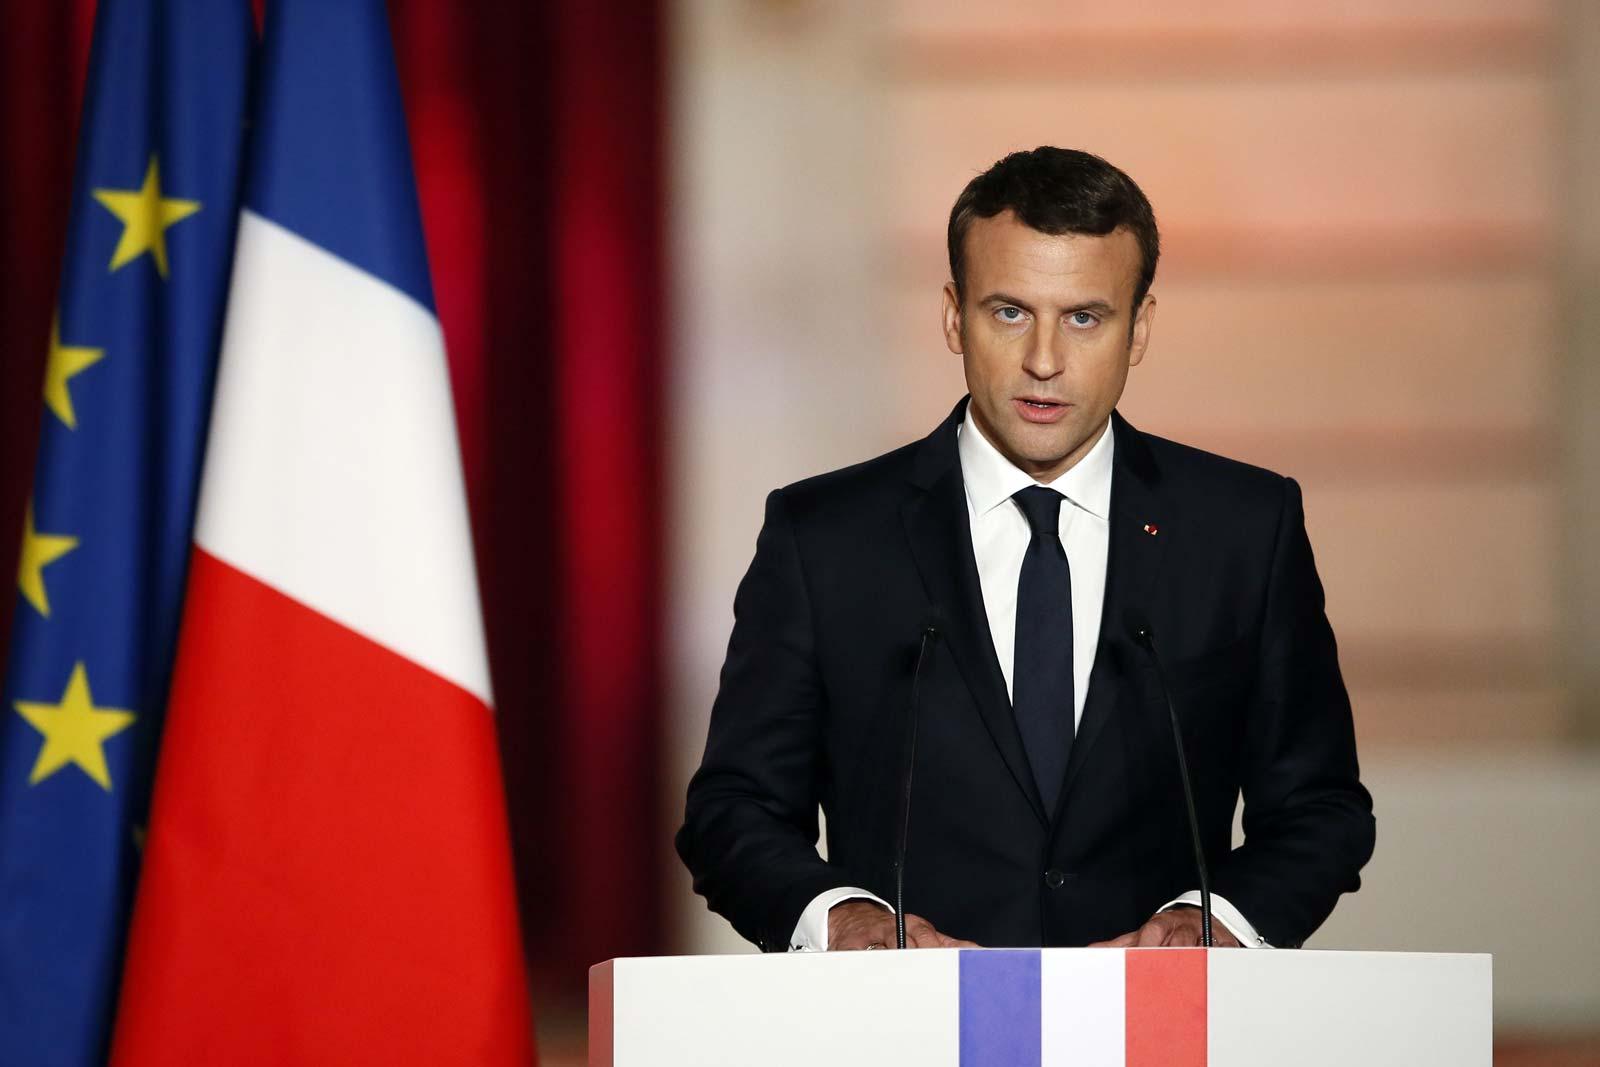 फ्रान्सका राष्ट्रपति इम्यानुअल म्याक्रोंको गालामा थप्पड हान्ने युवकलाई जेल